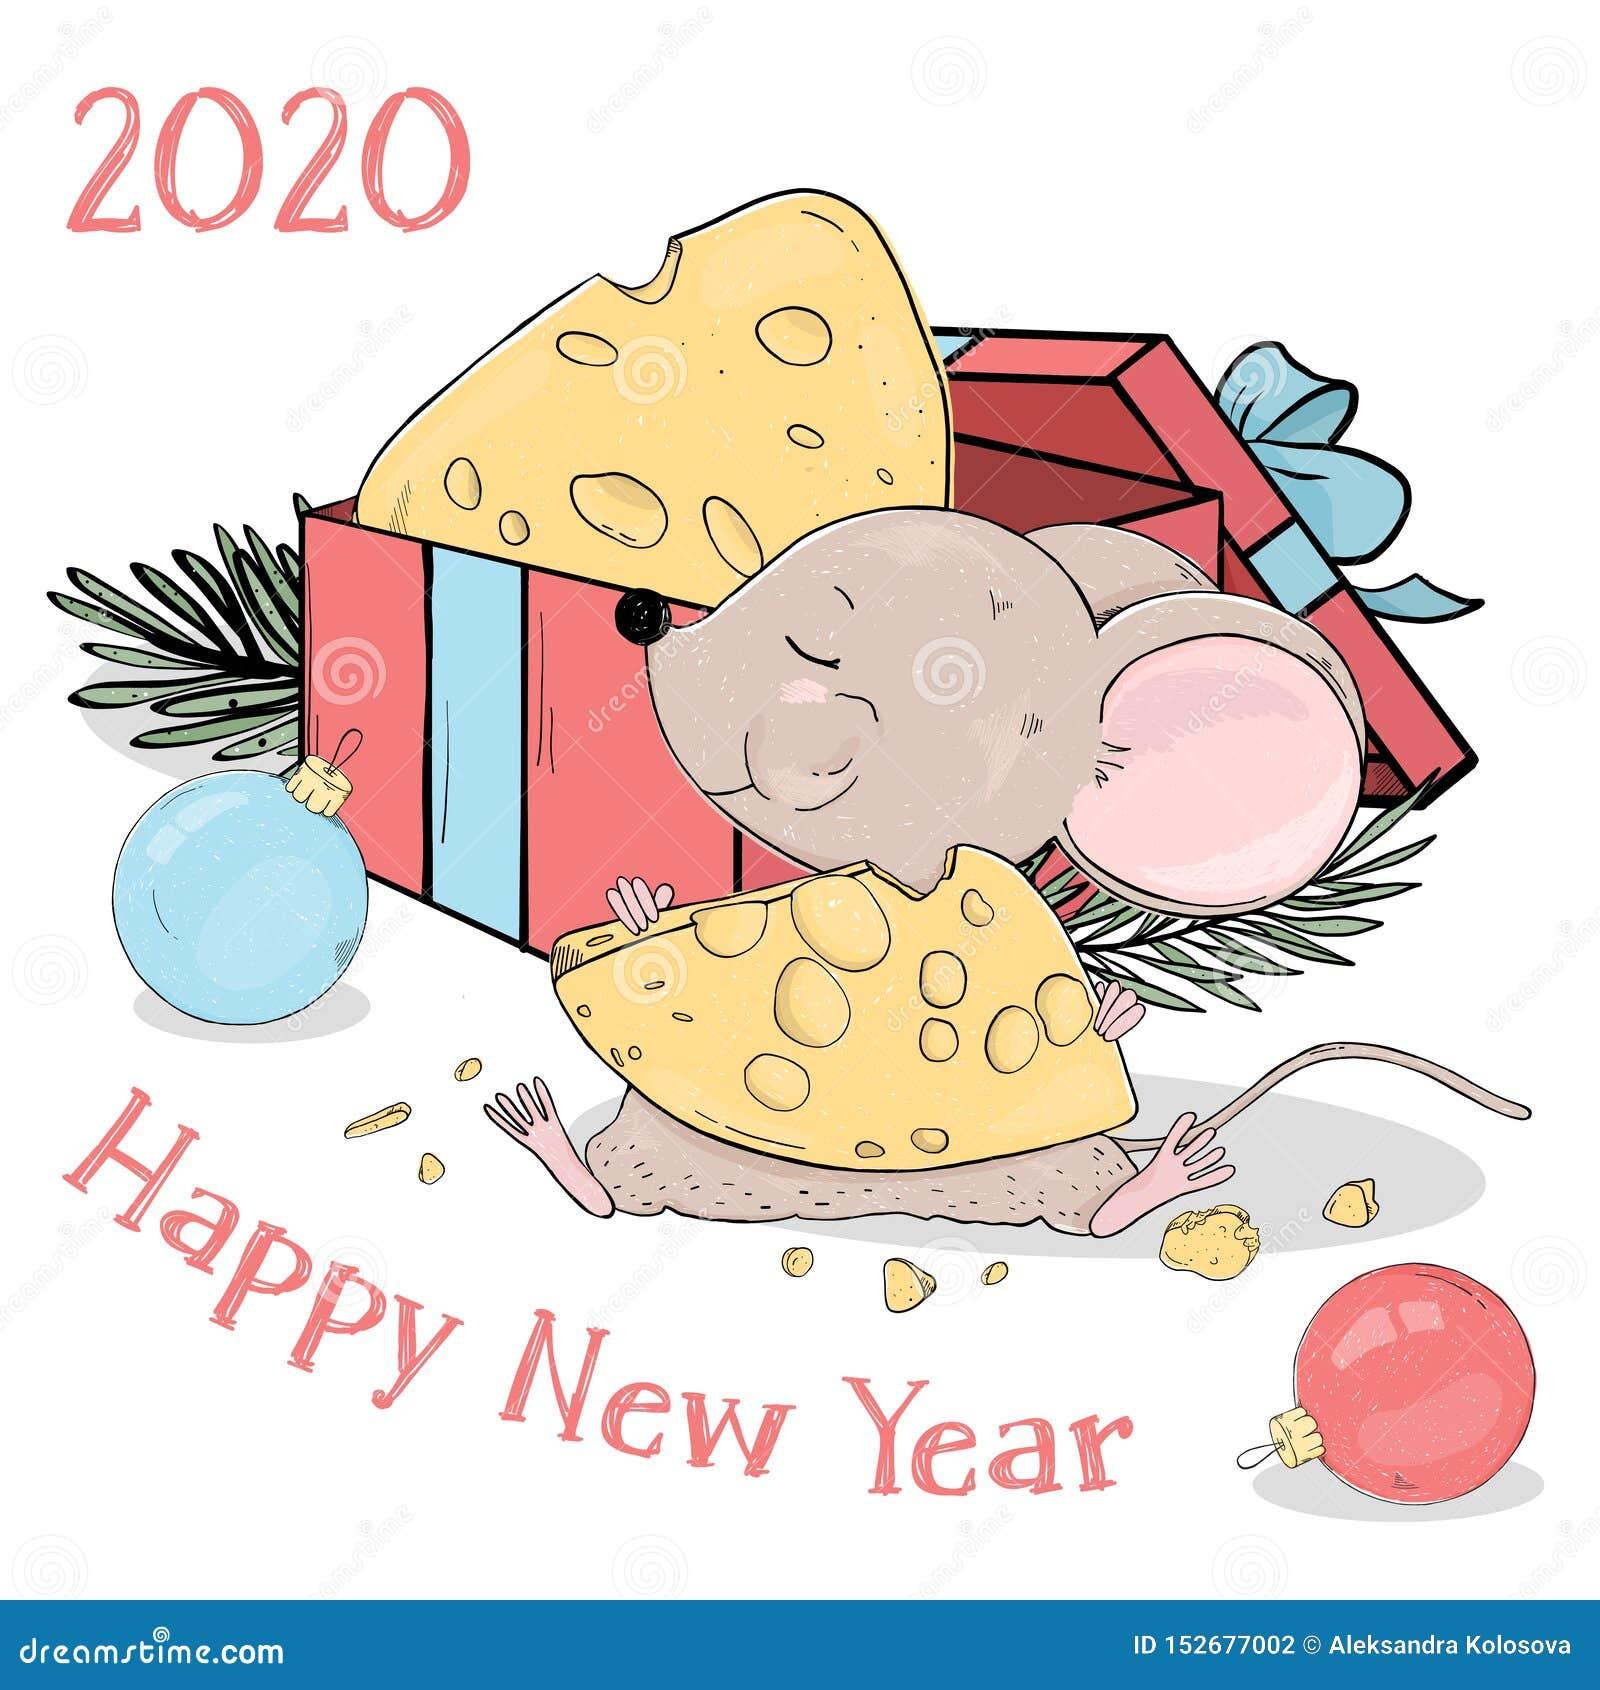 Новый Год 2020 Открытка со смешной маленькой мышью с сыром ...